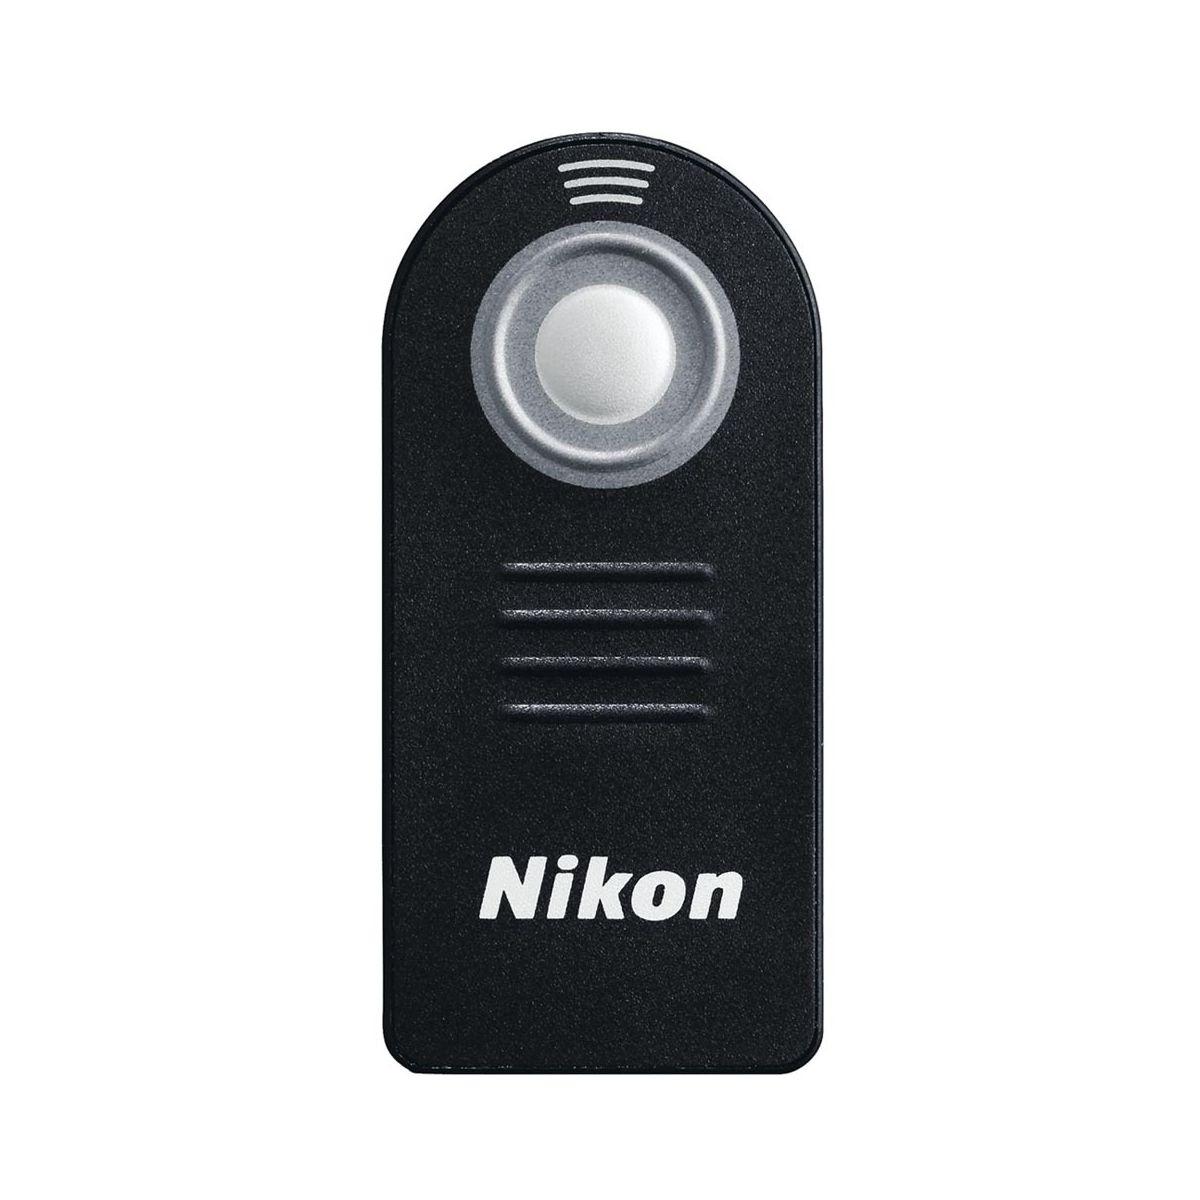 Télécommande nikon ir ml-l3 pour d70 - 3% de remise immédiate avec le code : multi3